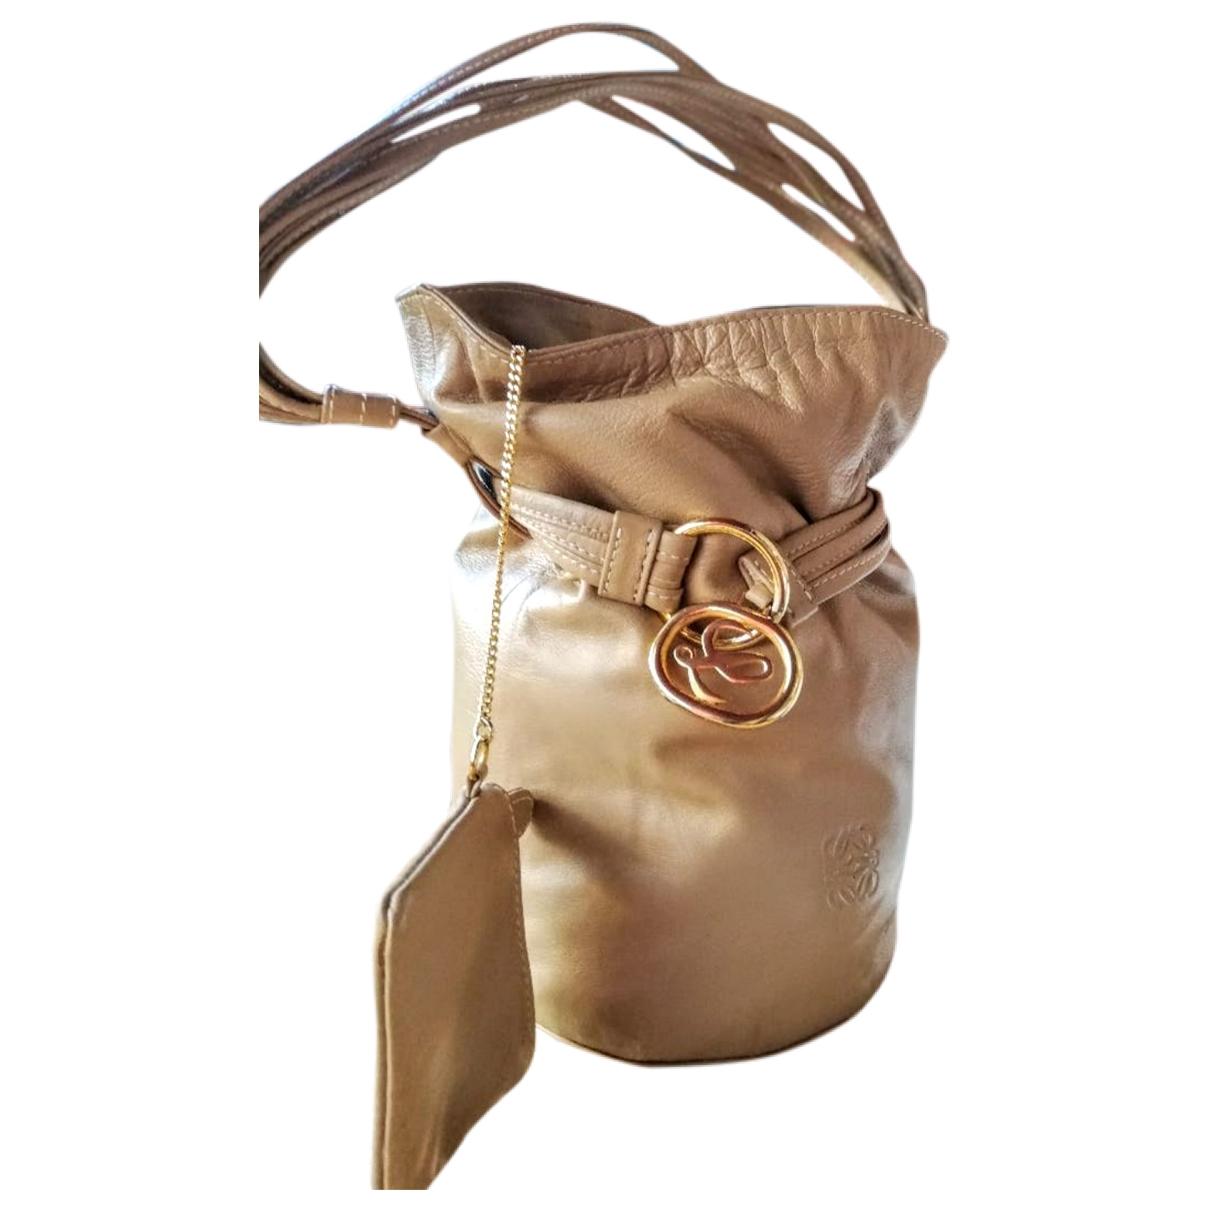 Loewe - Sac a main   pour femme en cuir - beige